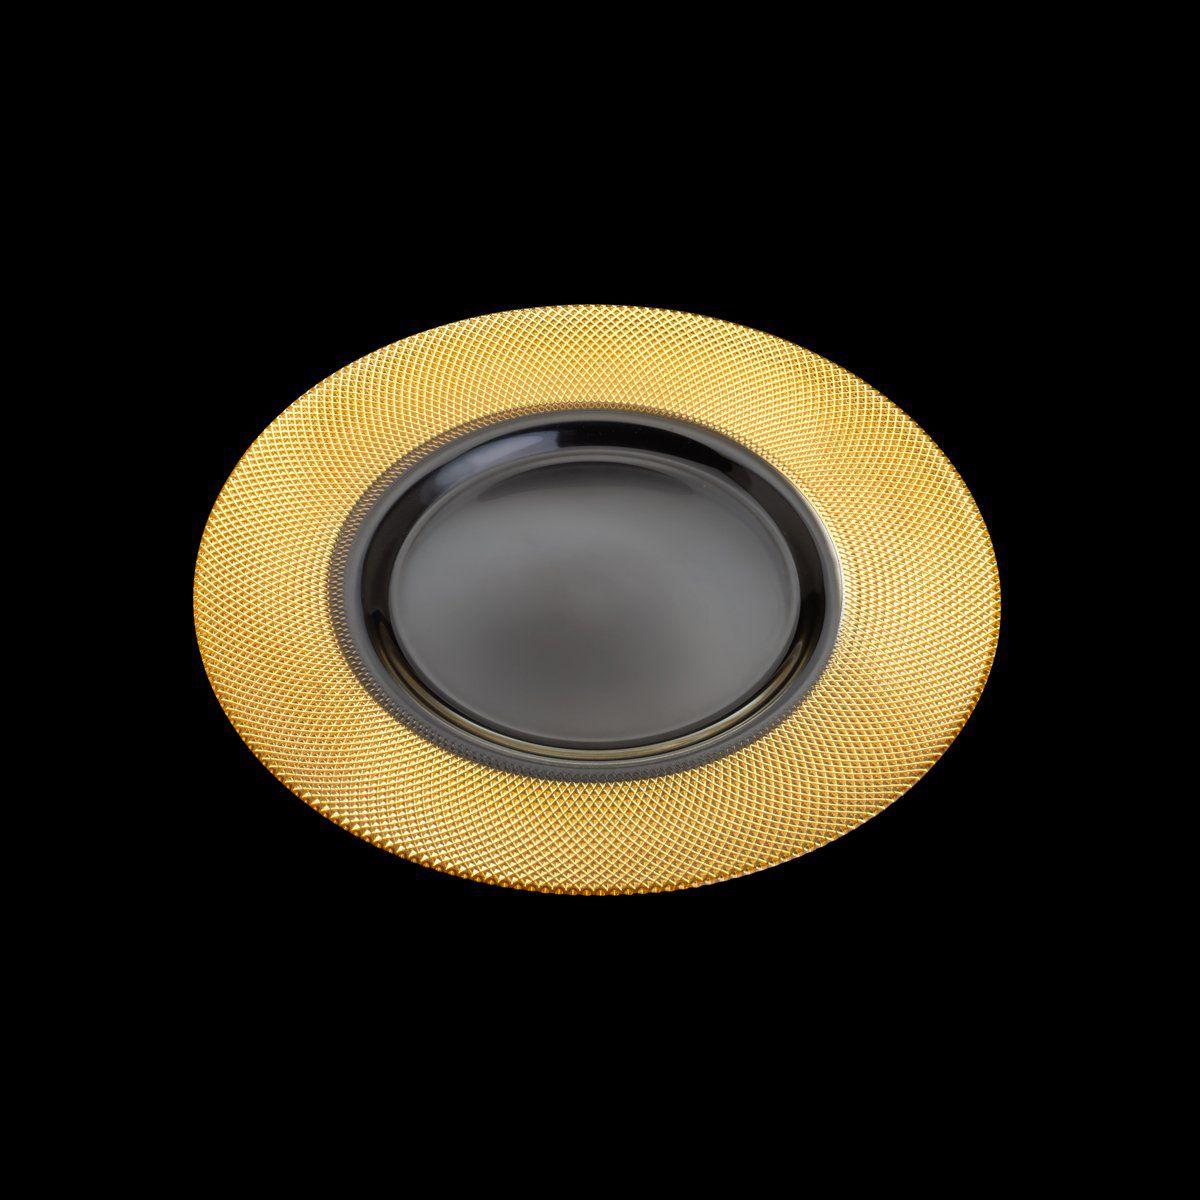 Sousplat 32,5 cm de cristal transparente e dourado Rojemac - 26785